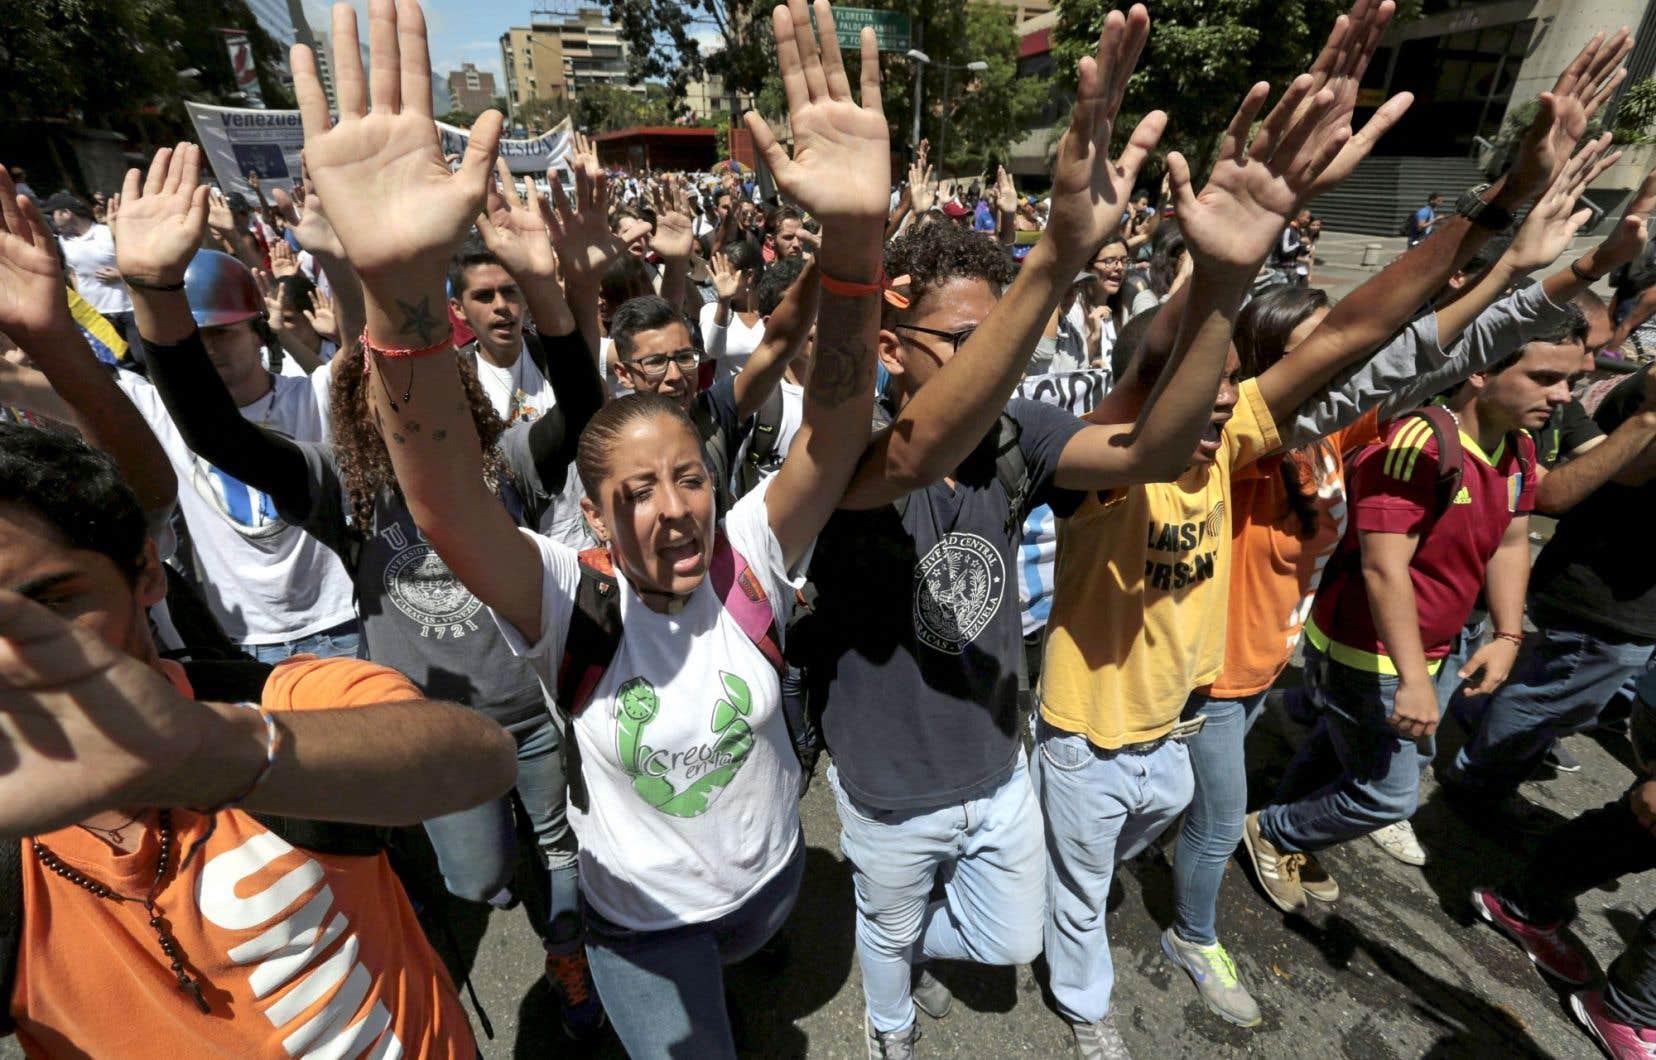 Des manifestants protestent contre le gouvernement Maduro à Caracas. La communauté internationale n'assume pas pleinement sa responsabilité de protéger le peuple vénézuélien.